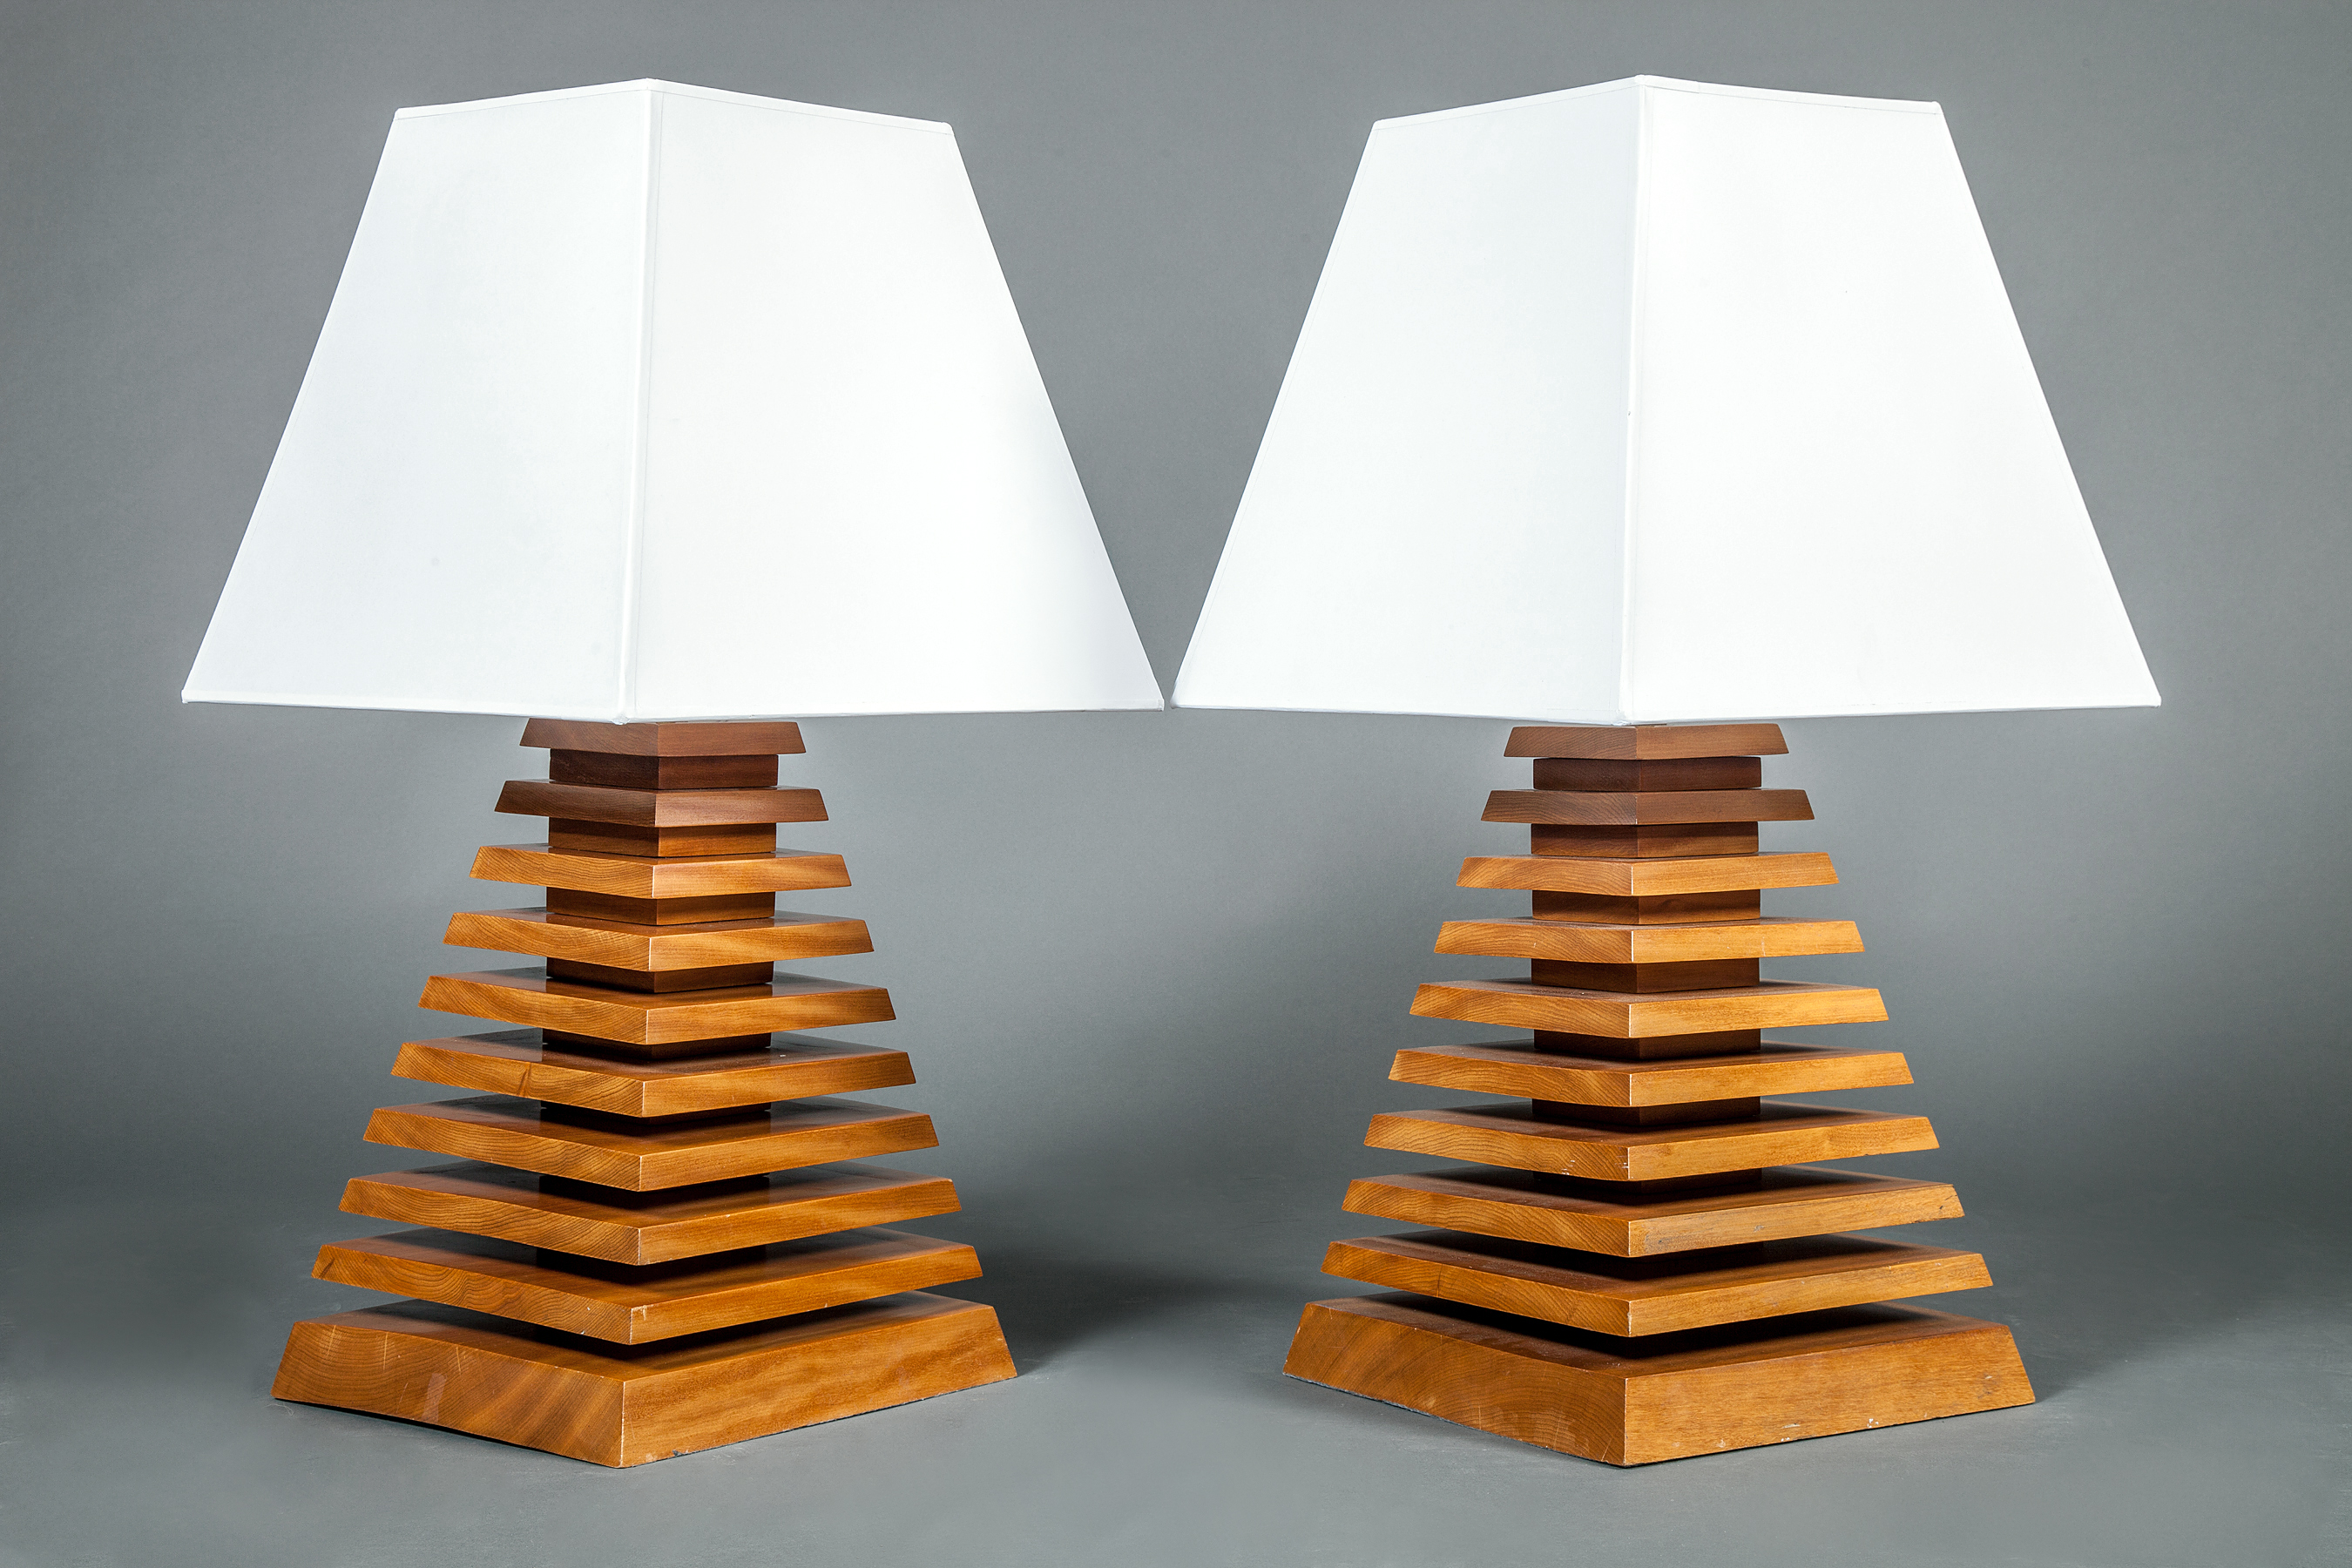 Pair of Wood Pyramid Shaped Lamps